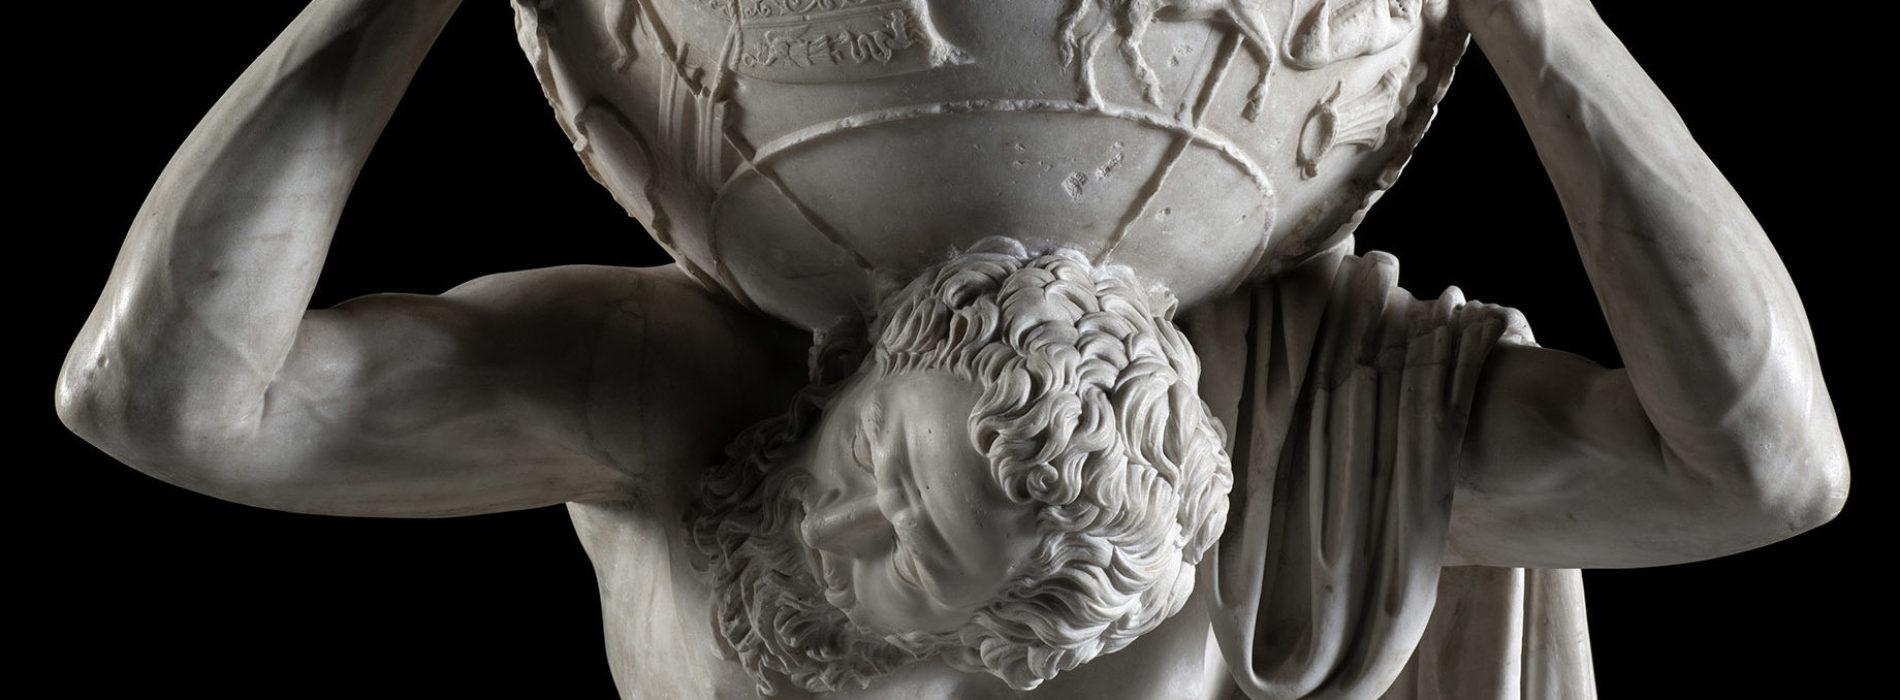 Ferragosto al Museo Mann, le mostre Thalassa e Gli Etruschi